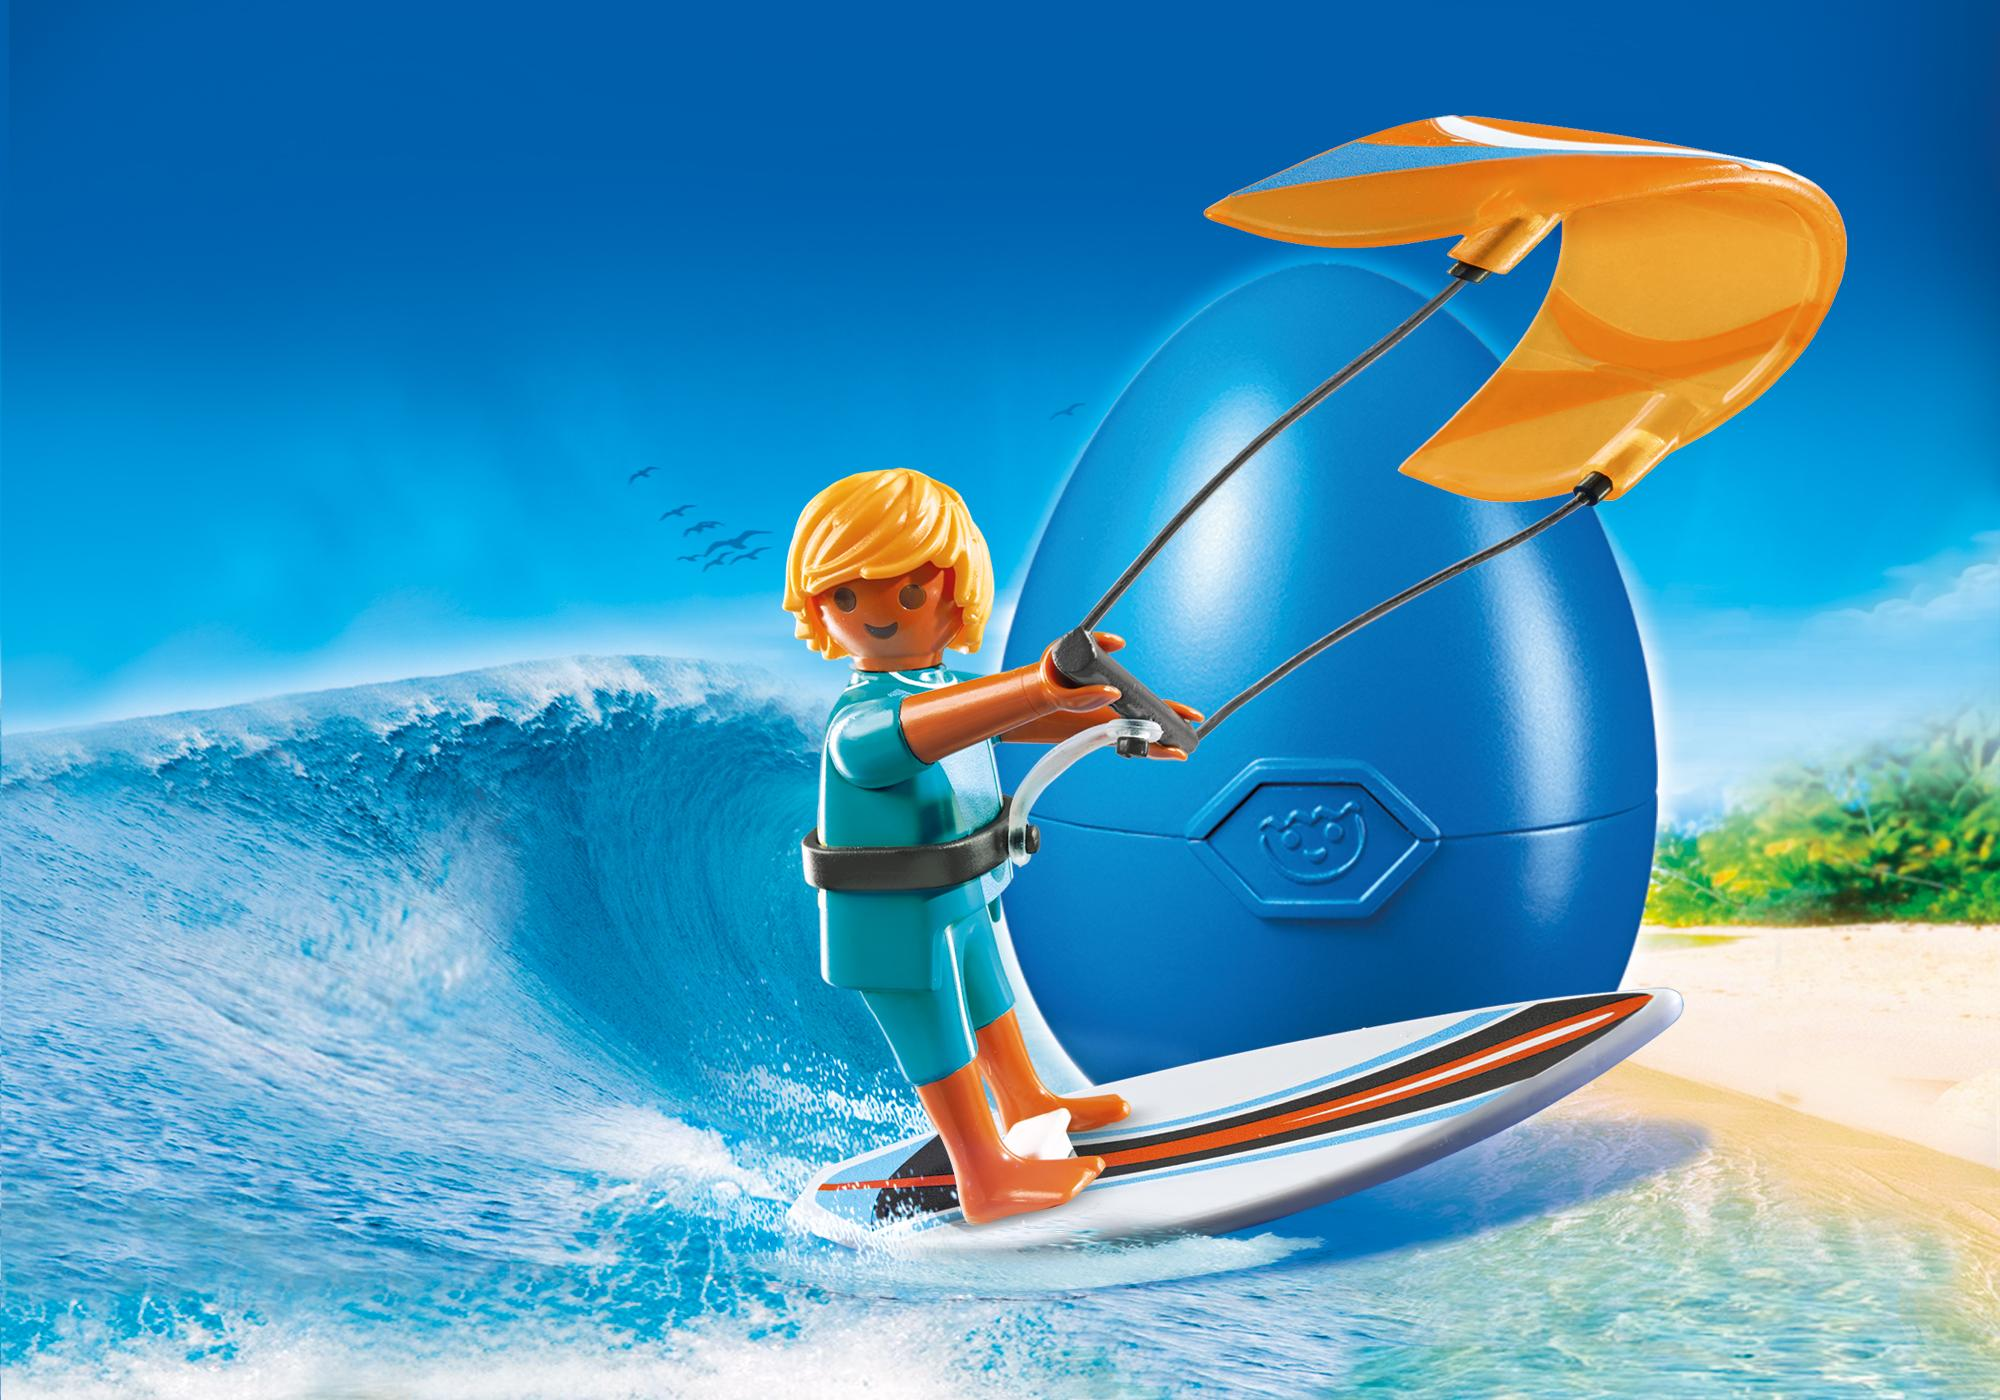 http://media.playmobil.com/i/playmobil/6838_product_detail/Kitesurfer